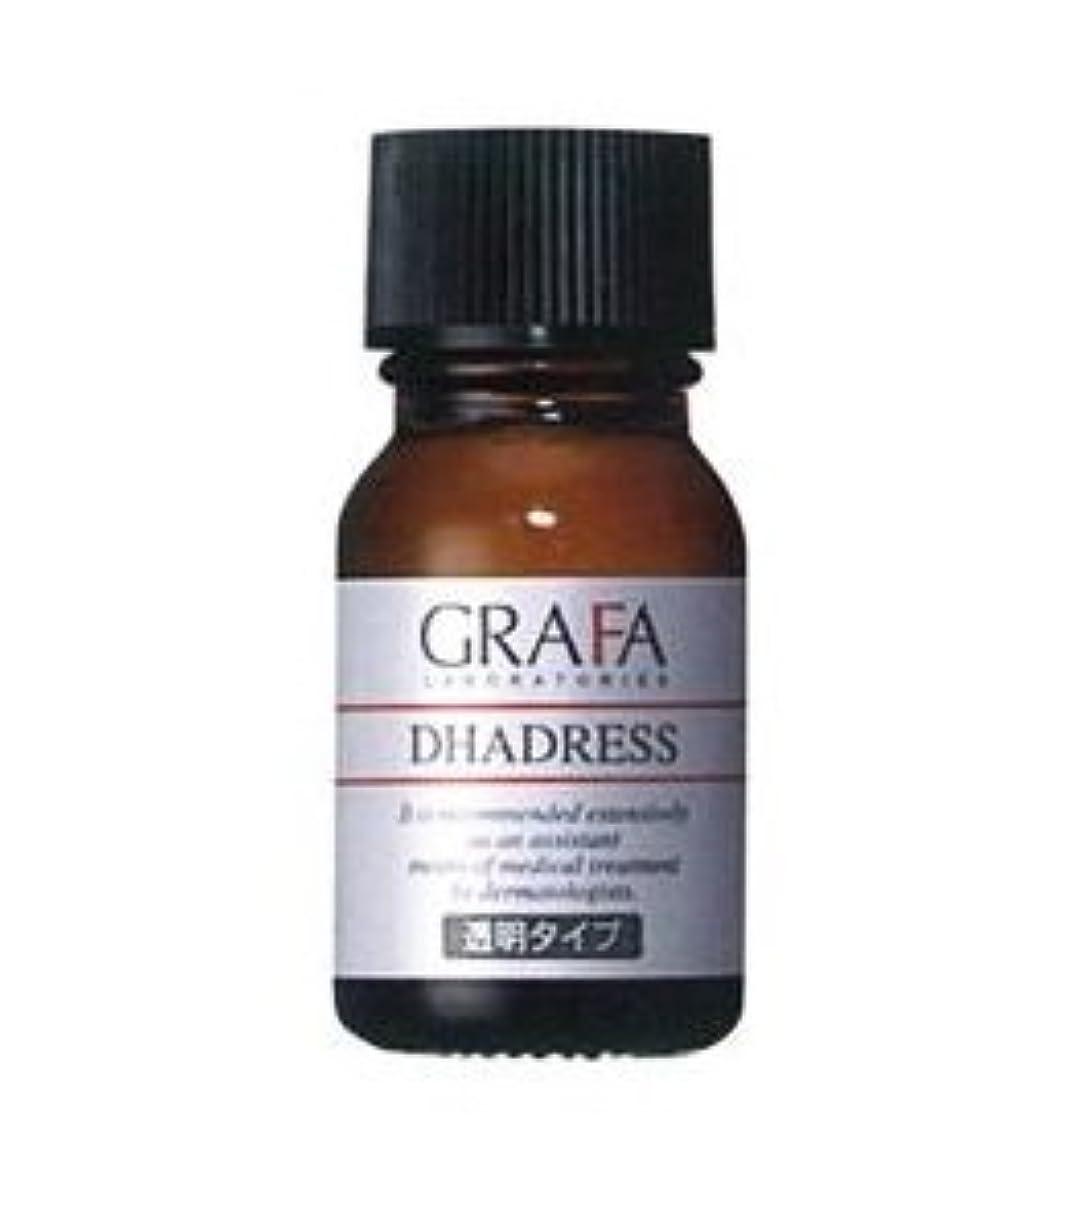 選出するハウスびっくりするグラファ ダドレス (透明タイプ) 11mL 着色用化粧水 GRAFA DHADRESS